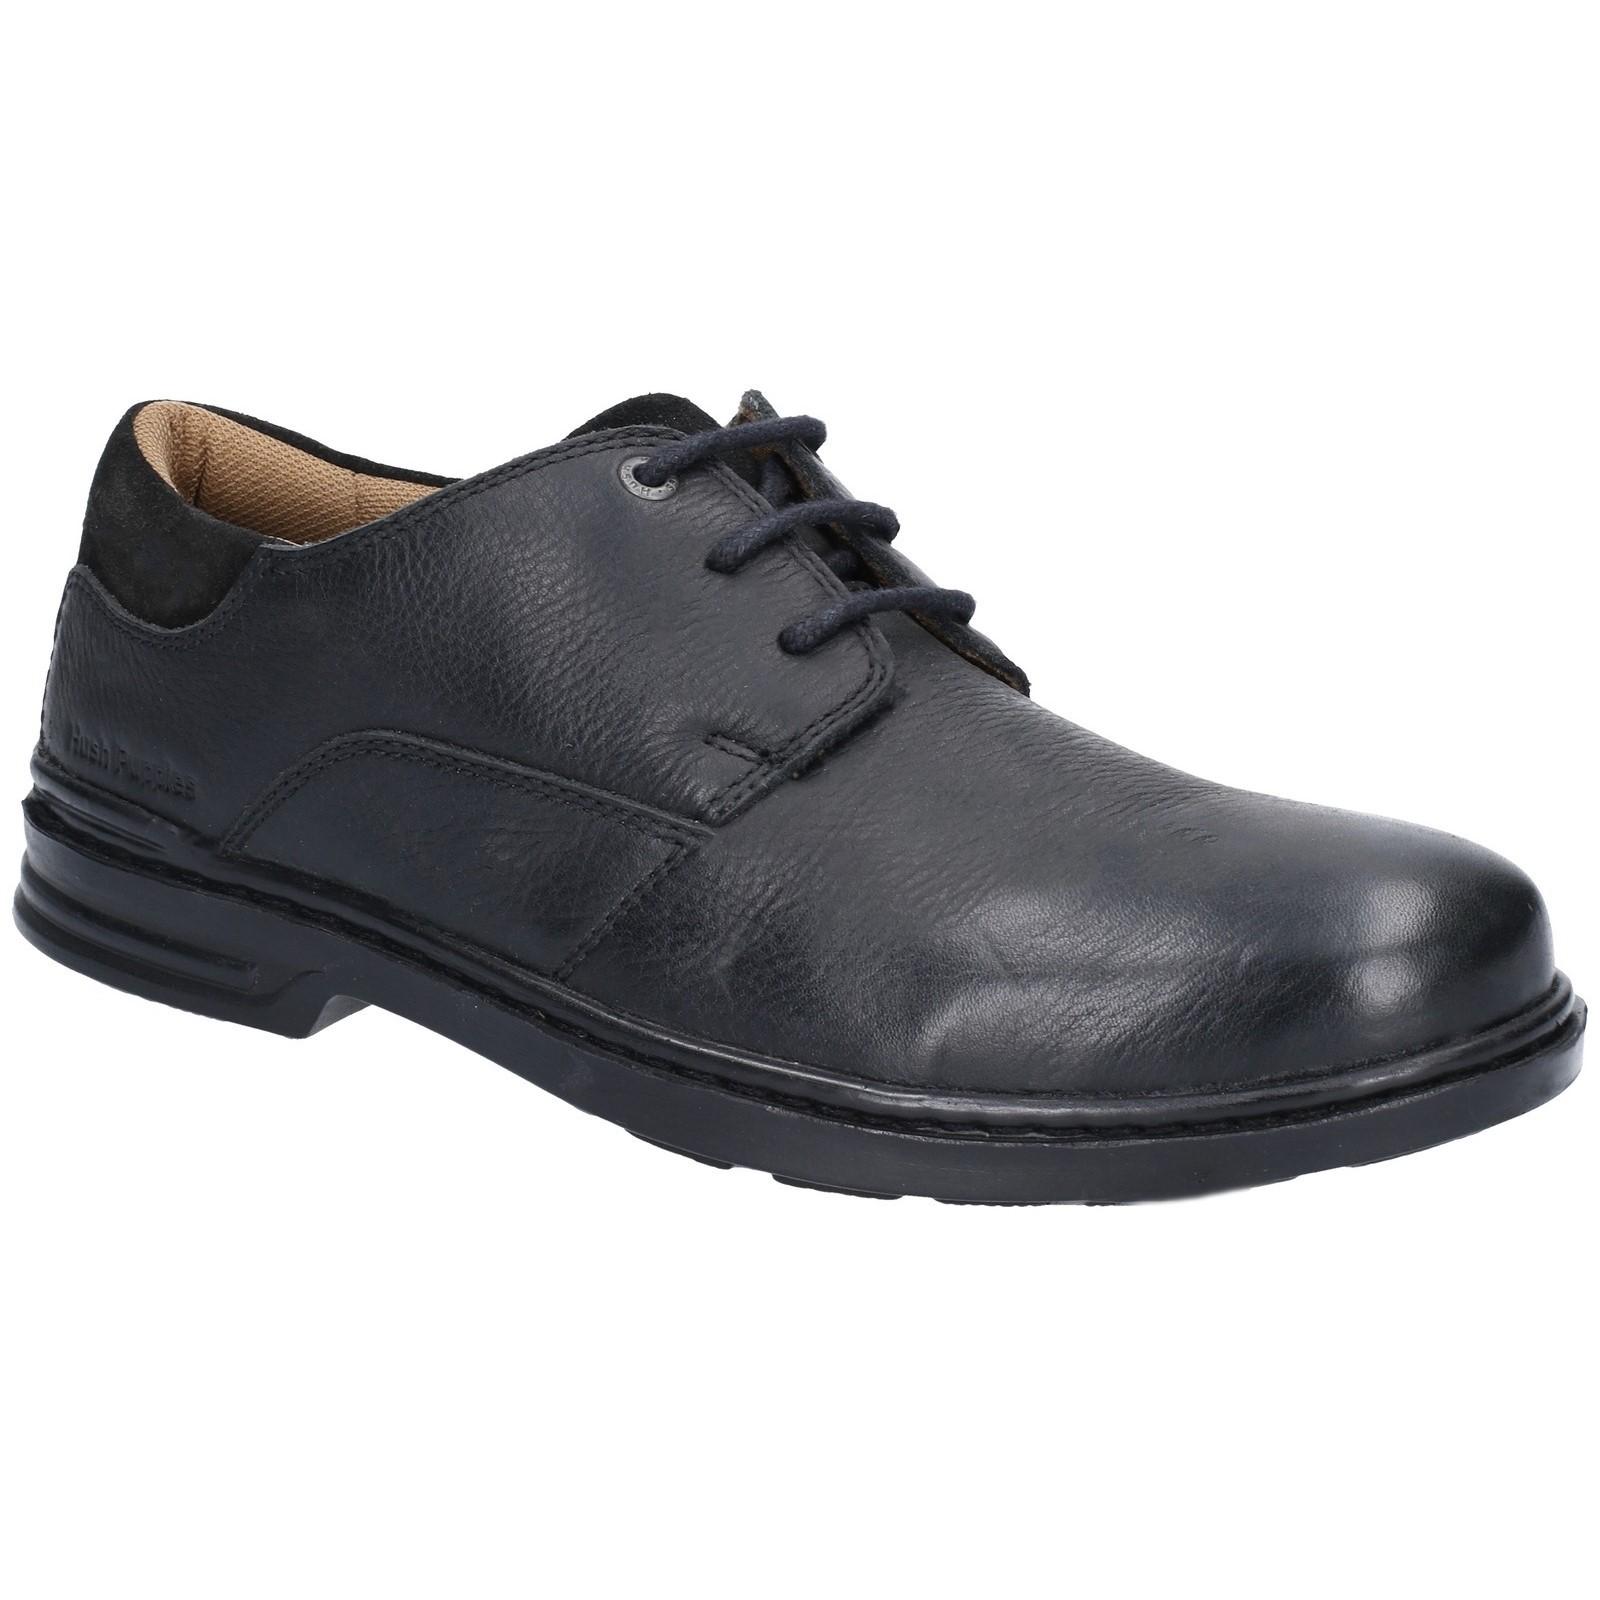 Hush Puppies Herren Max Hanston Klassisch Schnürbar Formelle Schuhe    | Verschiedene Stile